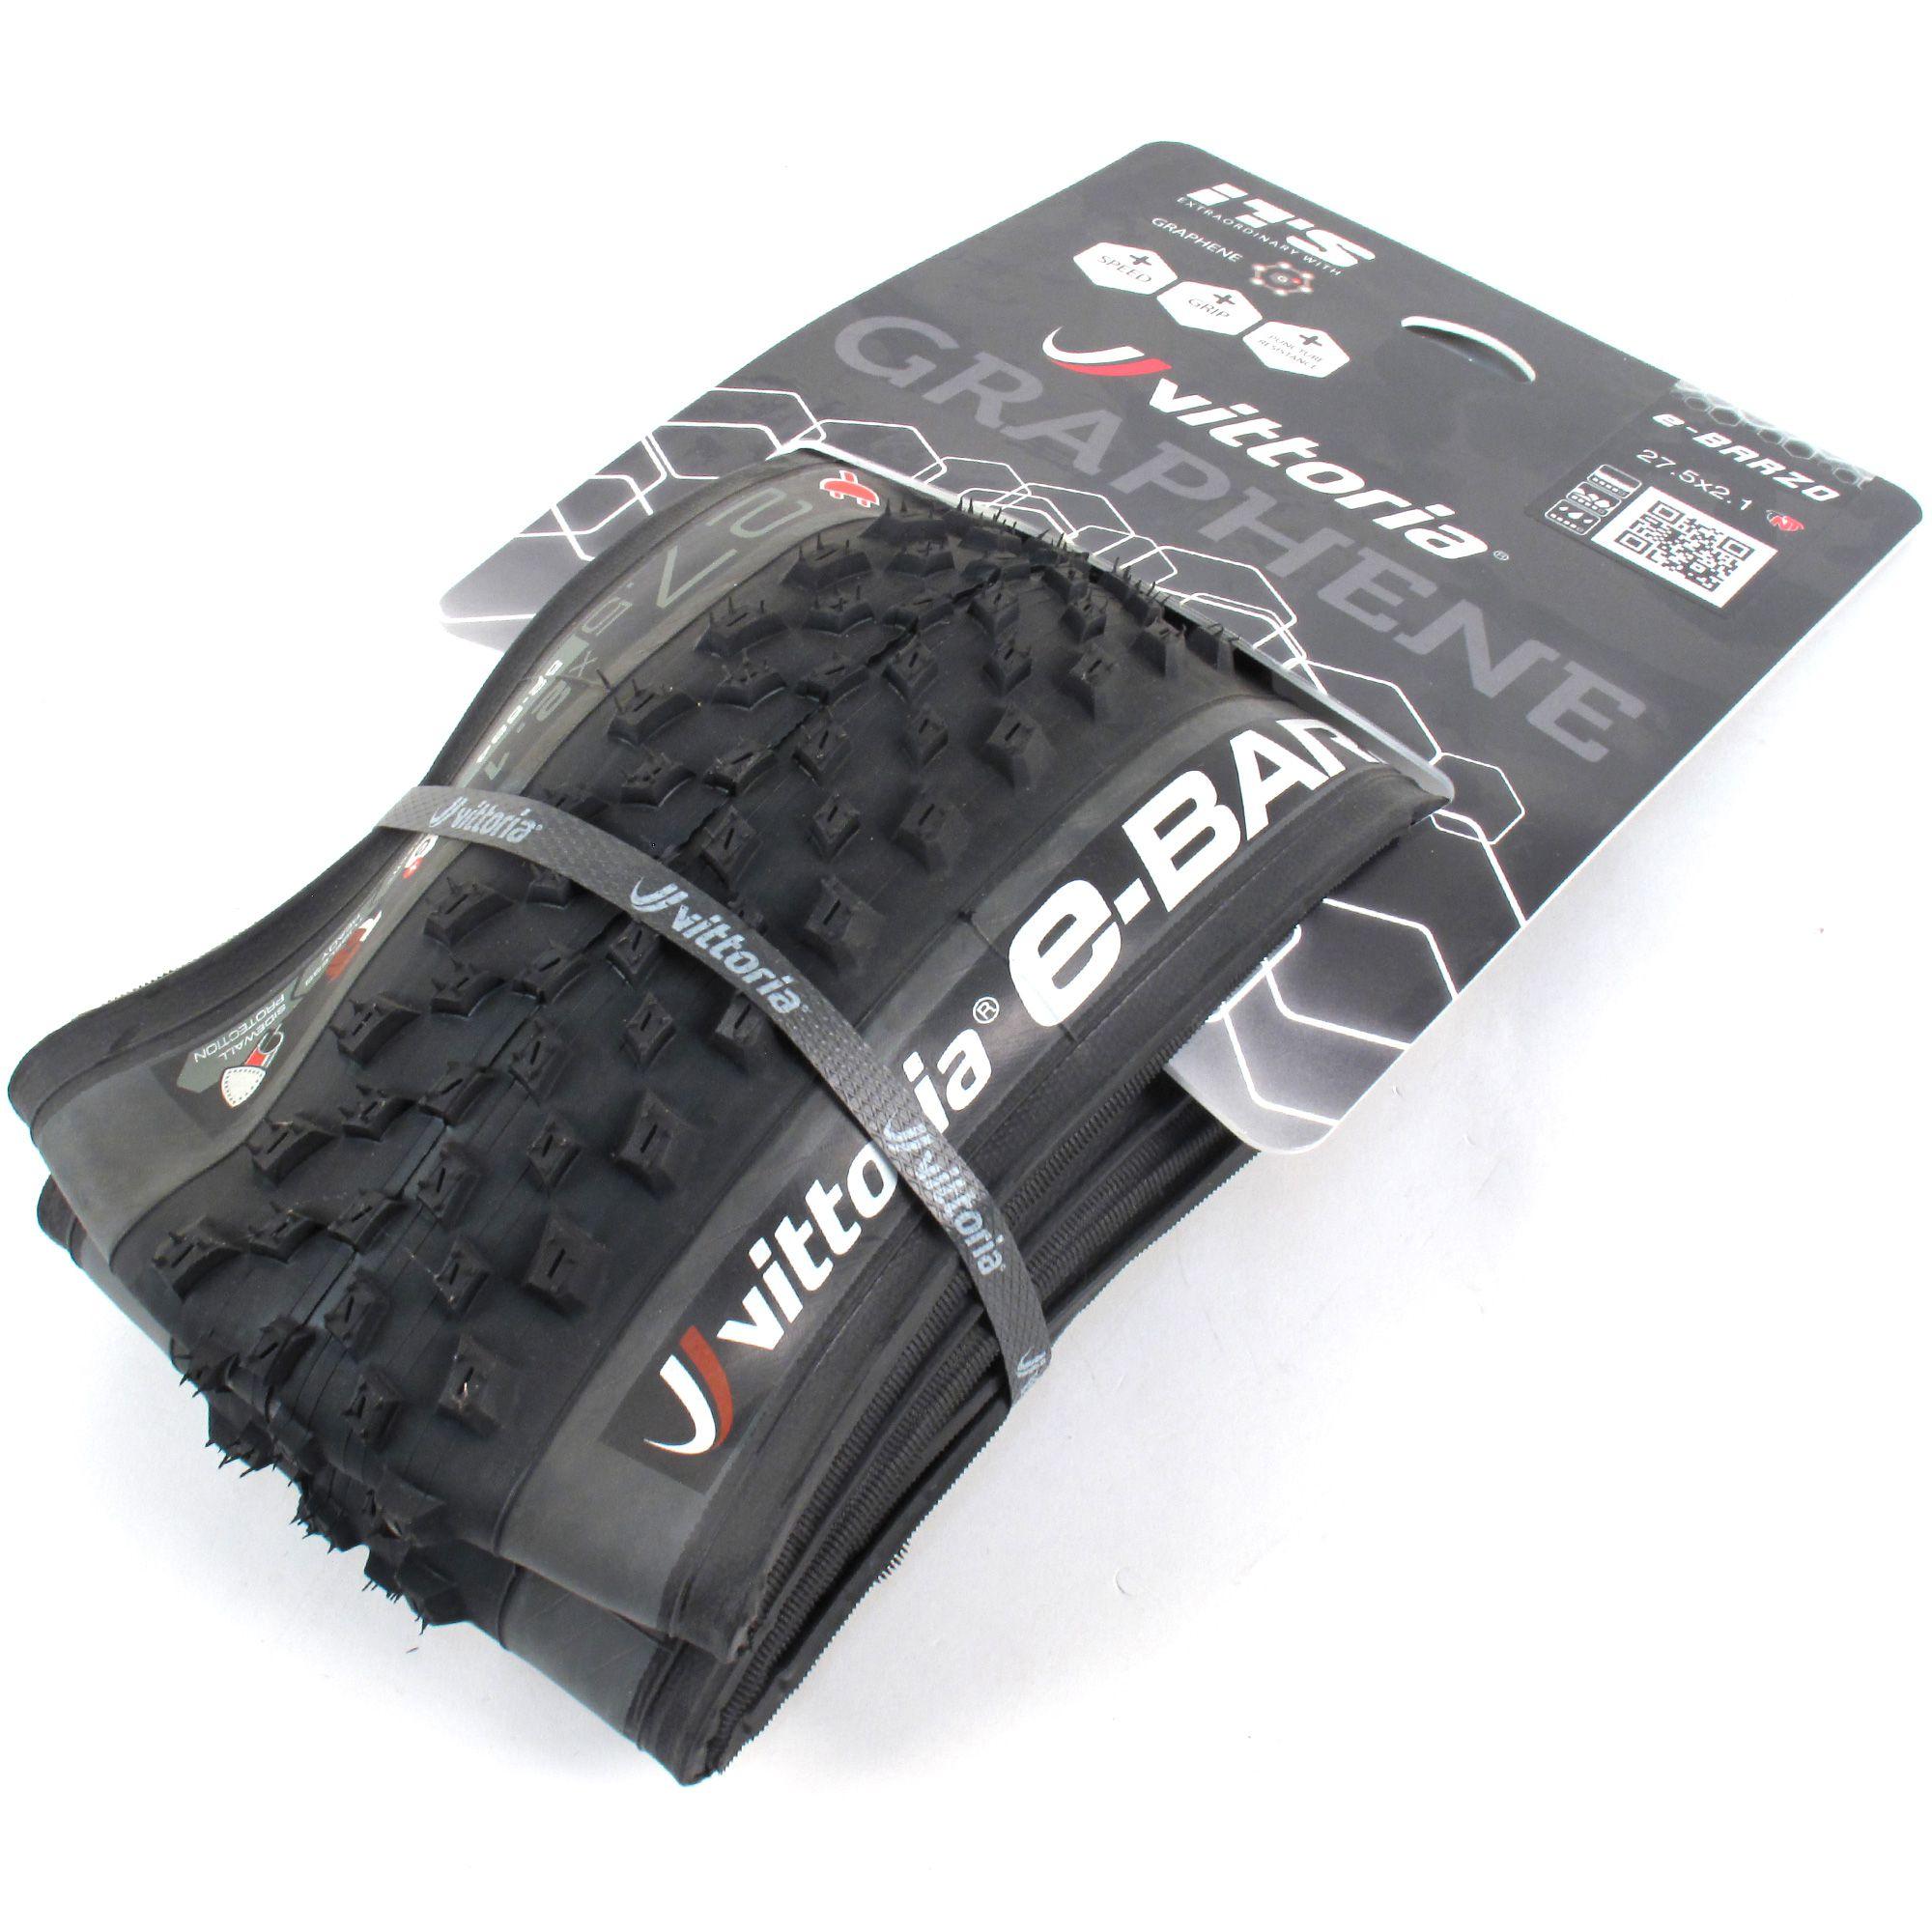 Vittoria E-Barzo G+ TNT 27.5 x 2.1 Cross Country E-Bike Tire // Tubeless Folding